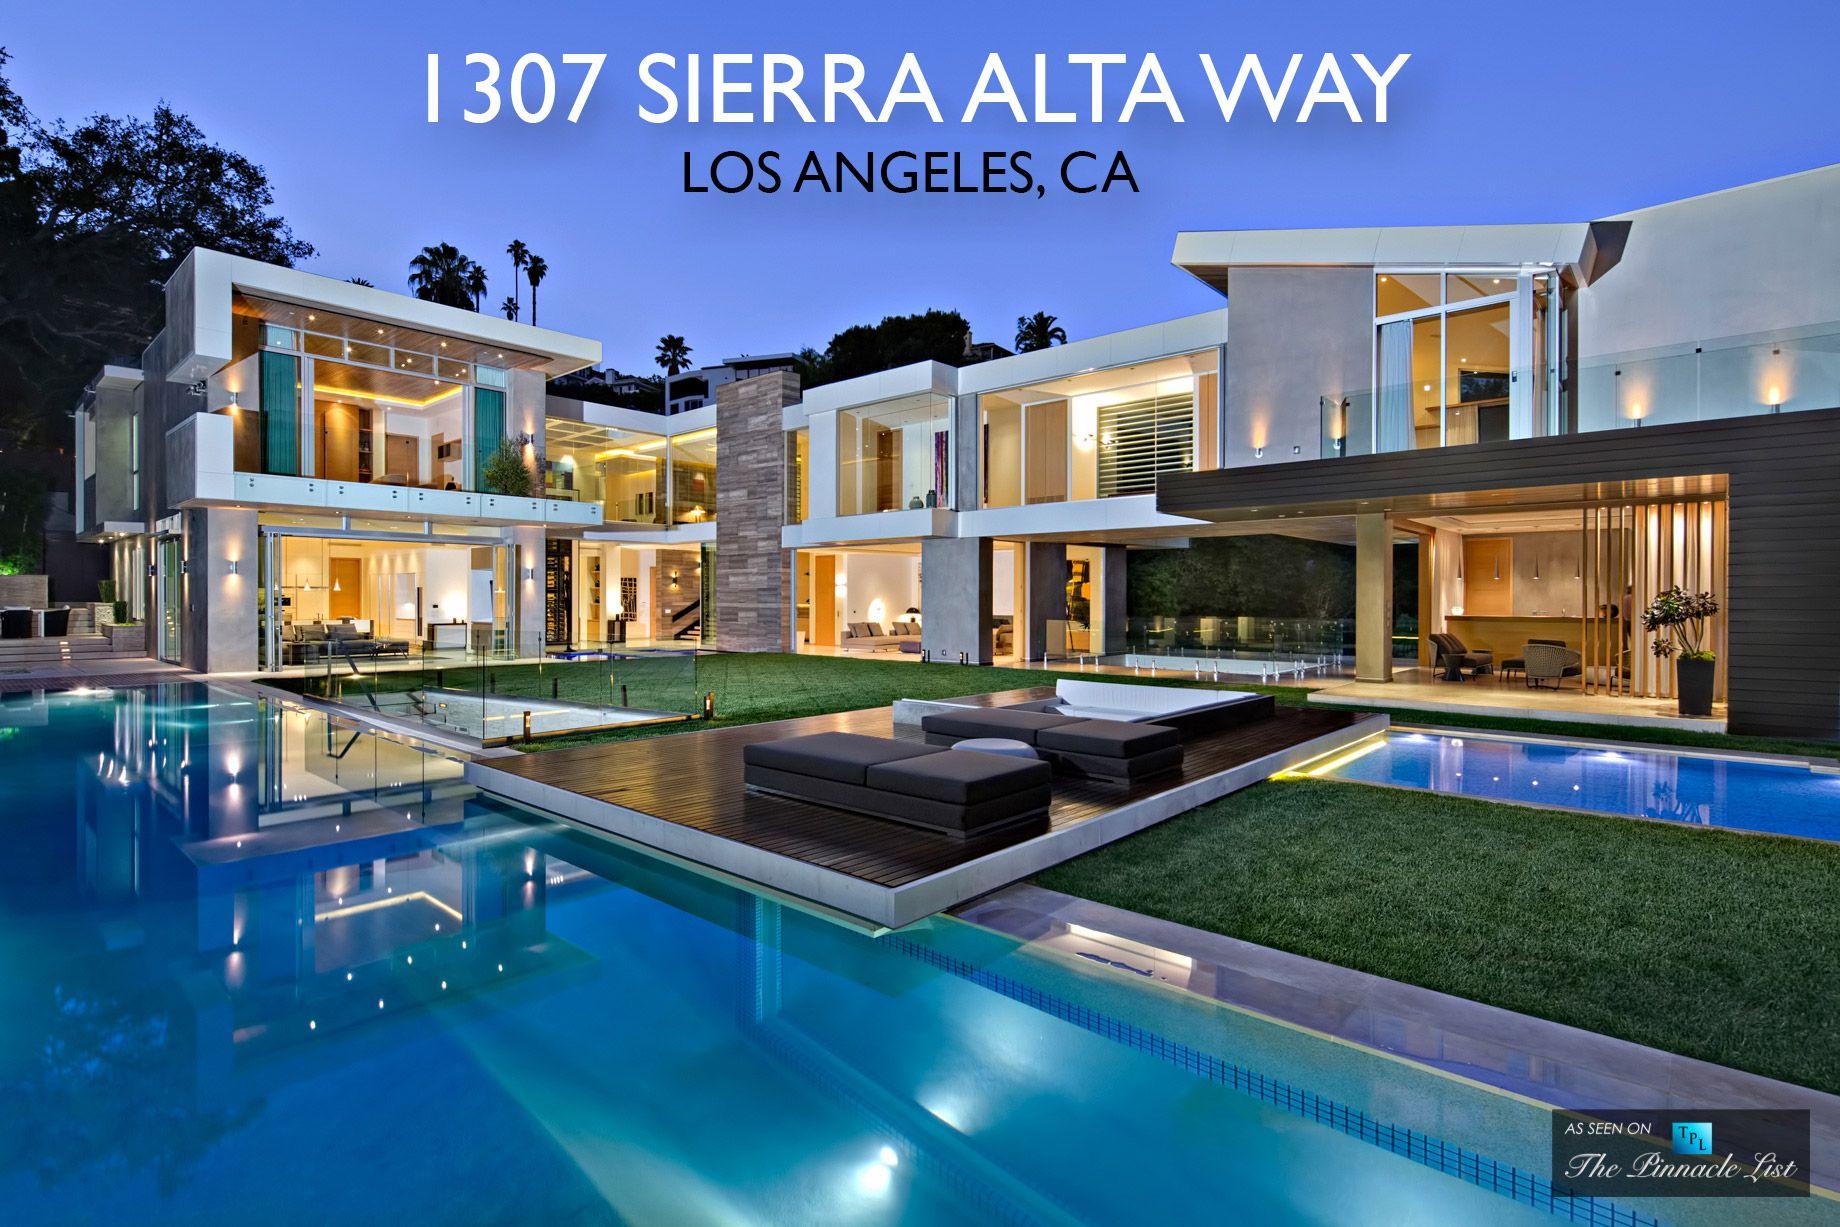 Luxury residence 1307 sierra alta way los angeles ca